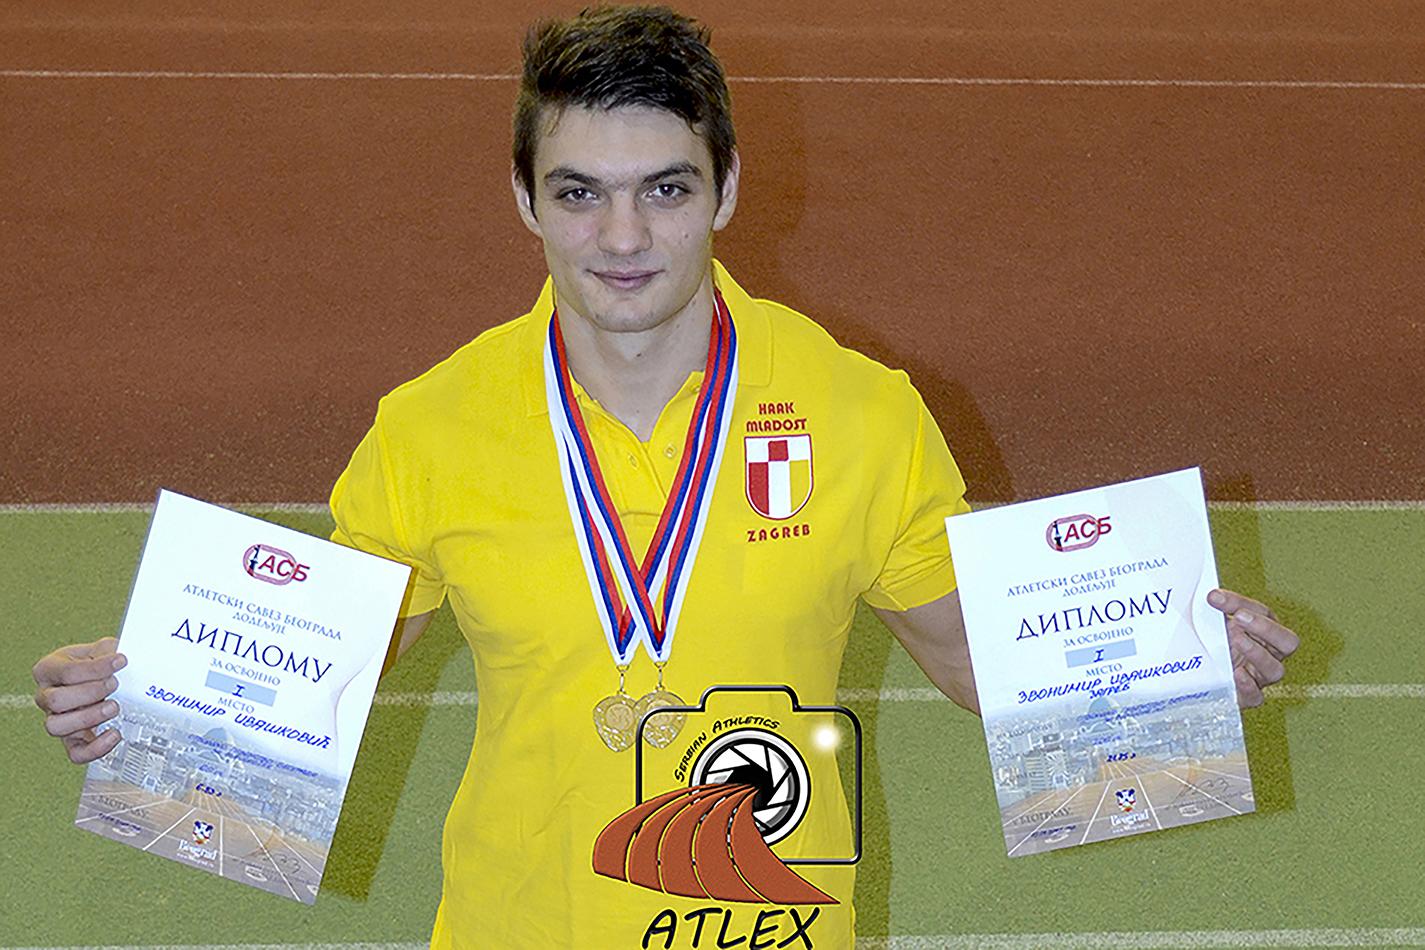 Zvonimir Ivašković (Hrvatska), dvostruki prvak Beograda 2017. godine